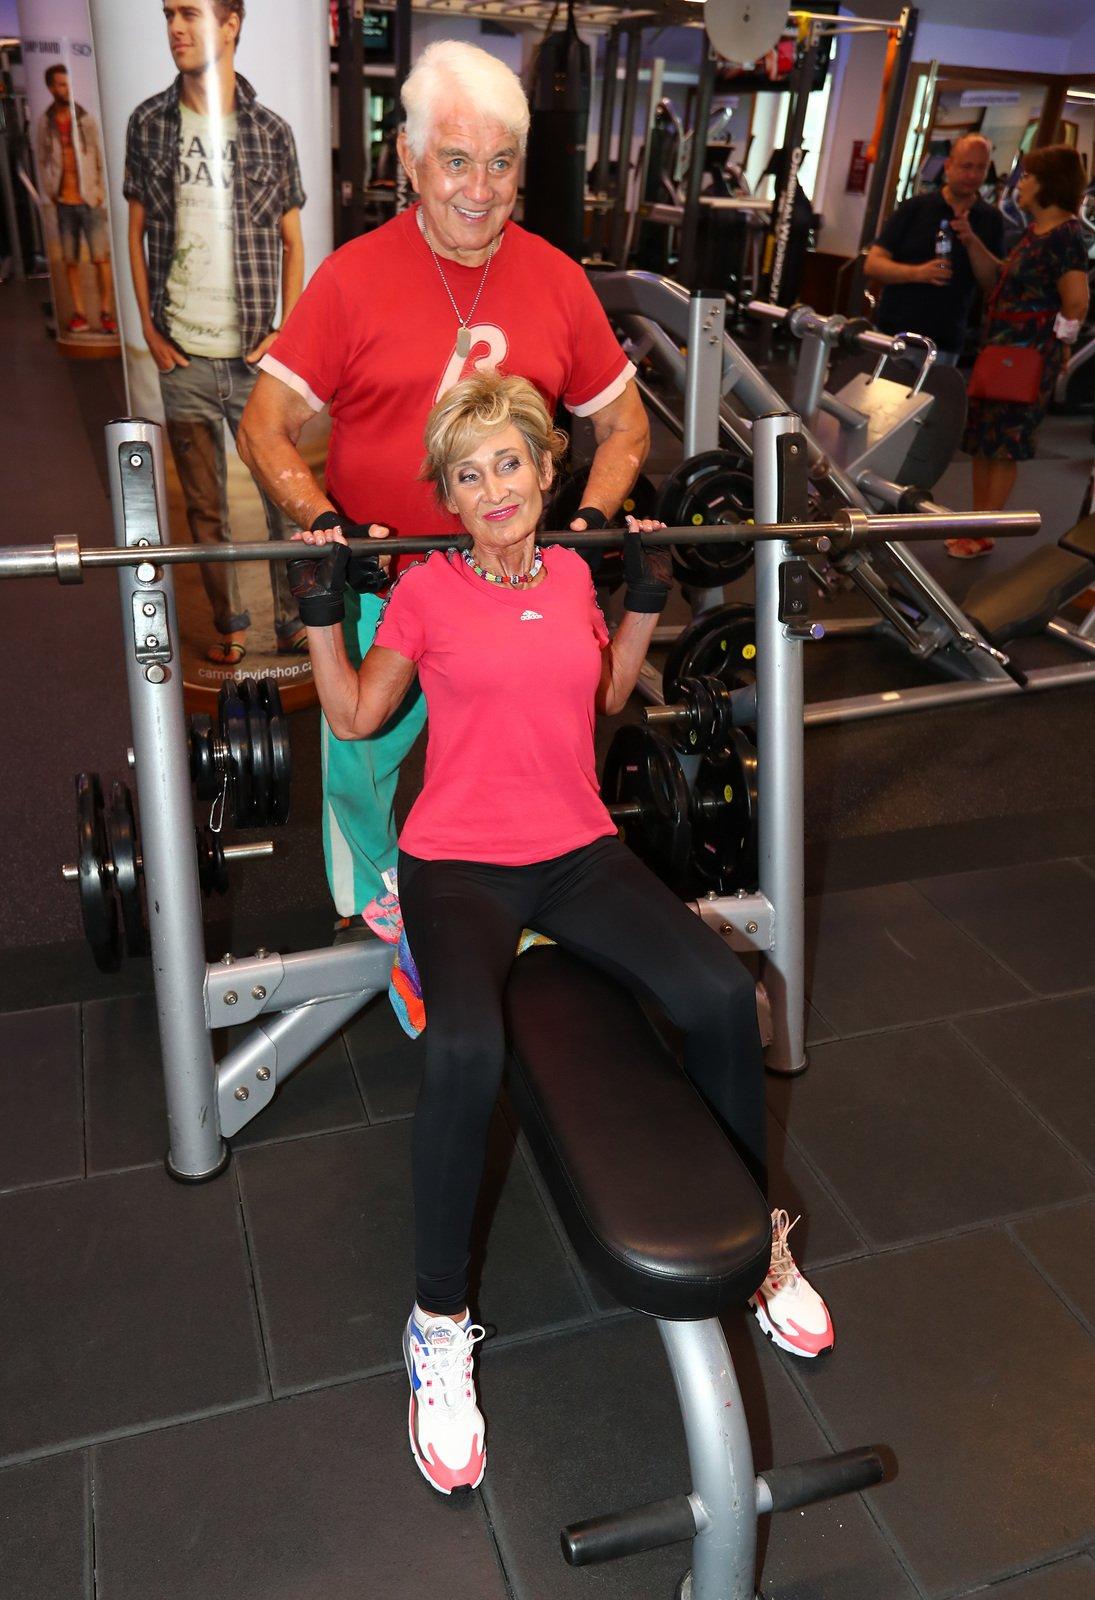 Moderátorka Zuzana Bubílková je stále velice aktivní. S Jiřím Krampolem chodí pravidelně do fitness.